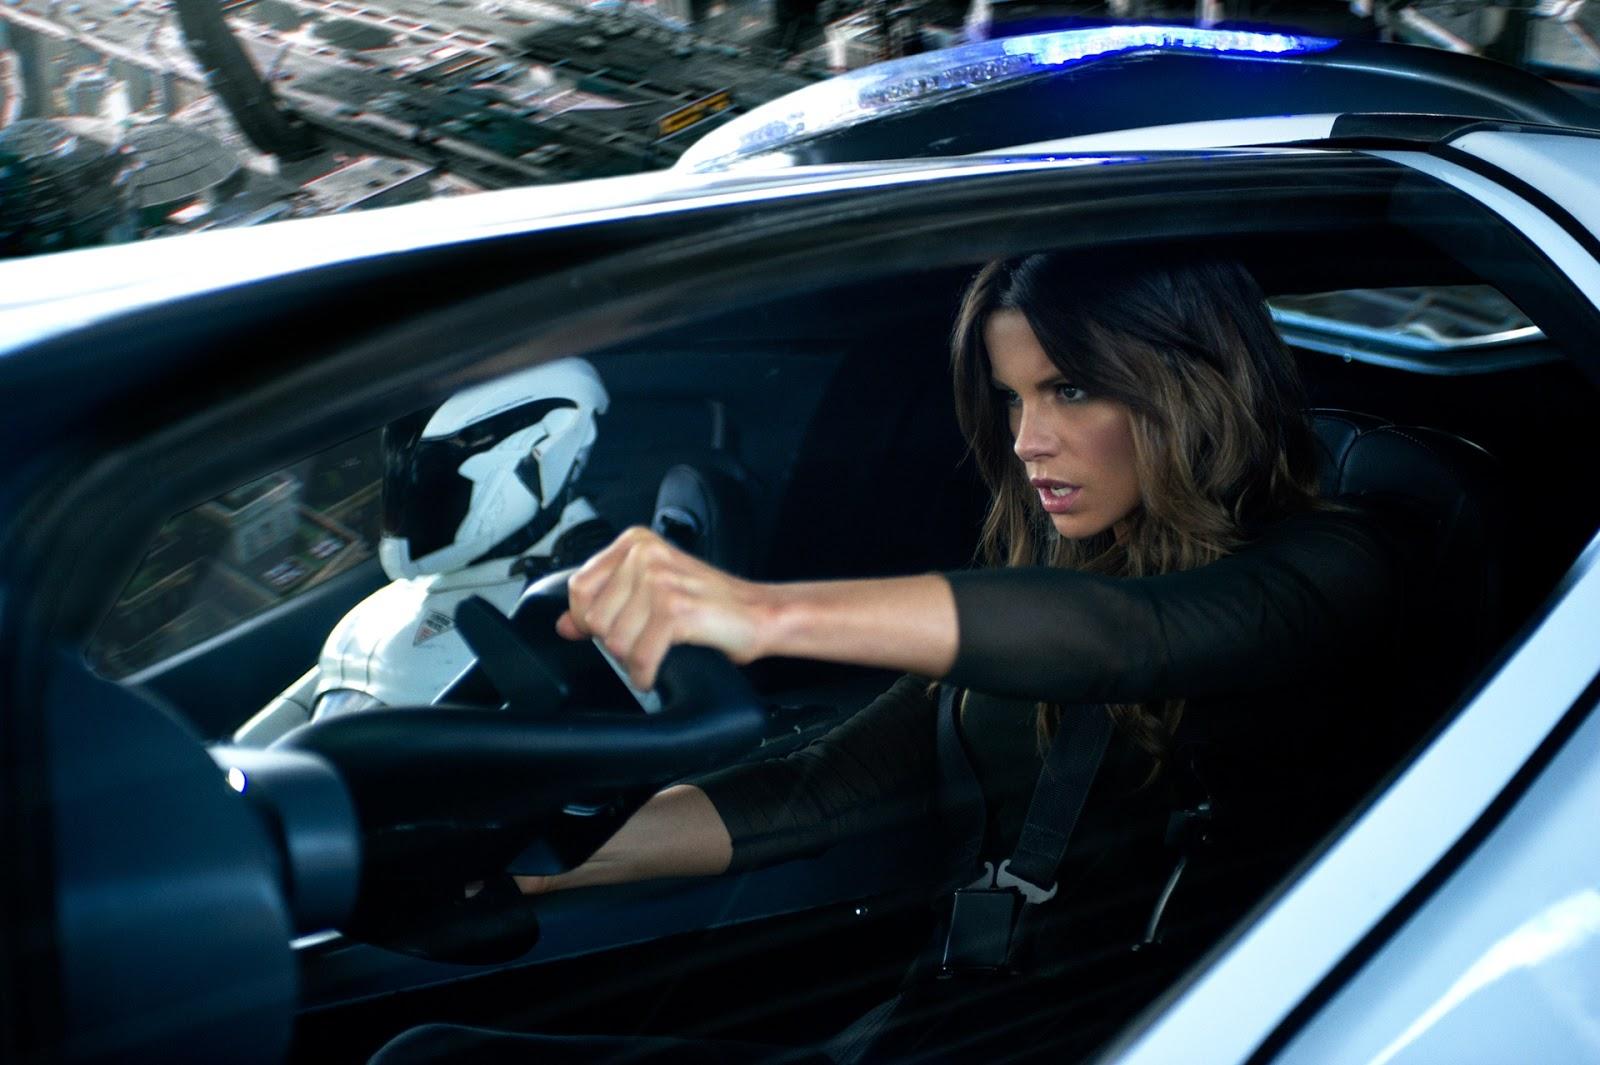 http://1.bp.blogspot.com/-R6oQGKFYobo/UK91-v4y17I/AAAAAAAAAsk/Ey-_R6kIOU4/s1600/Total-Recall-Kate-Beckinsale.jpg